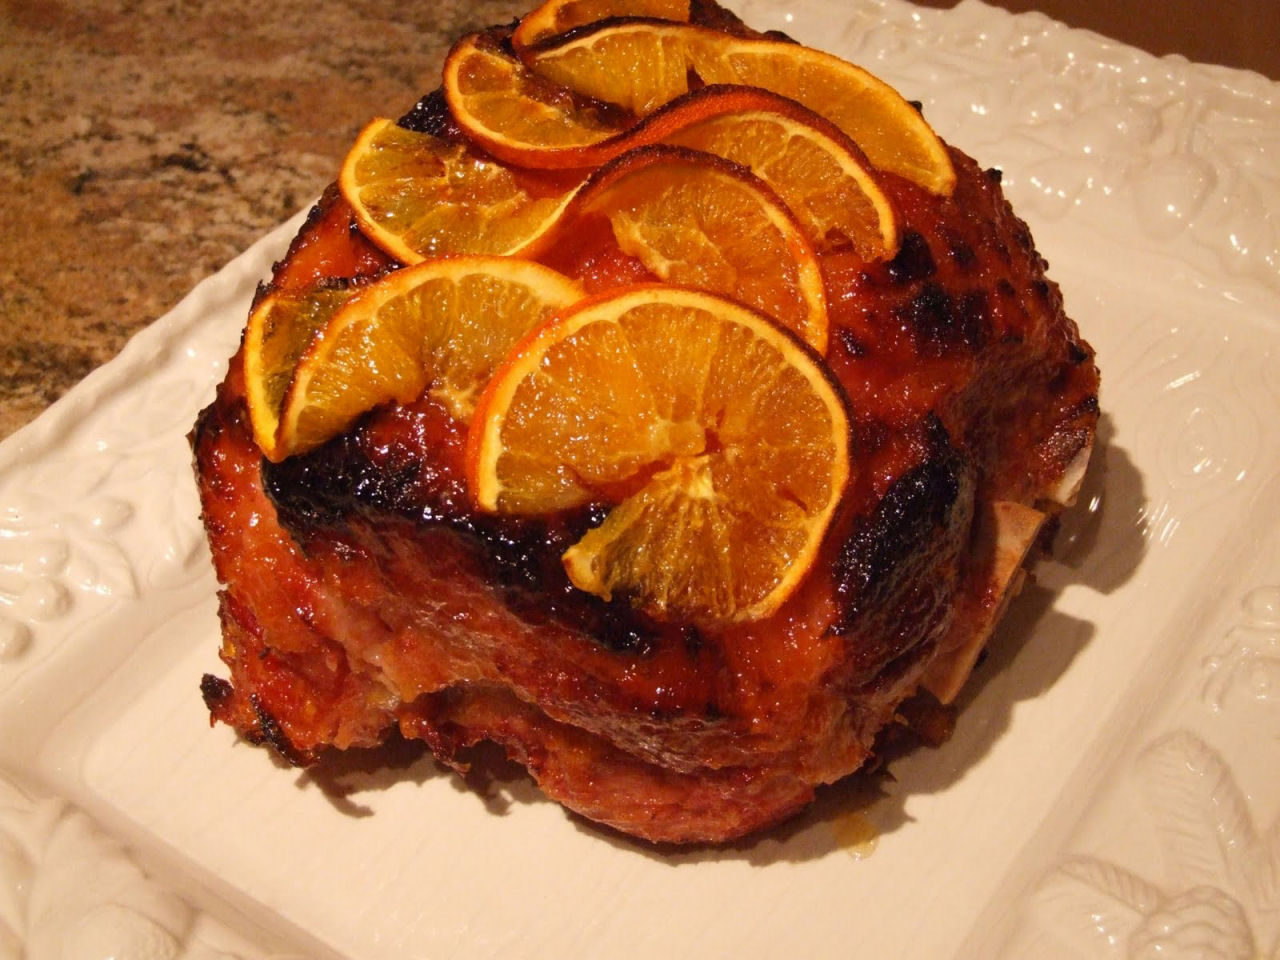 Cuisinez comme un chef jambon l 39 orange - France 2 cuisinez comme un chef ...